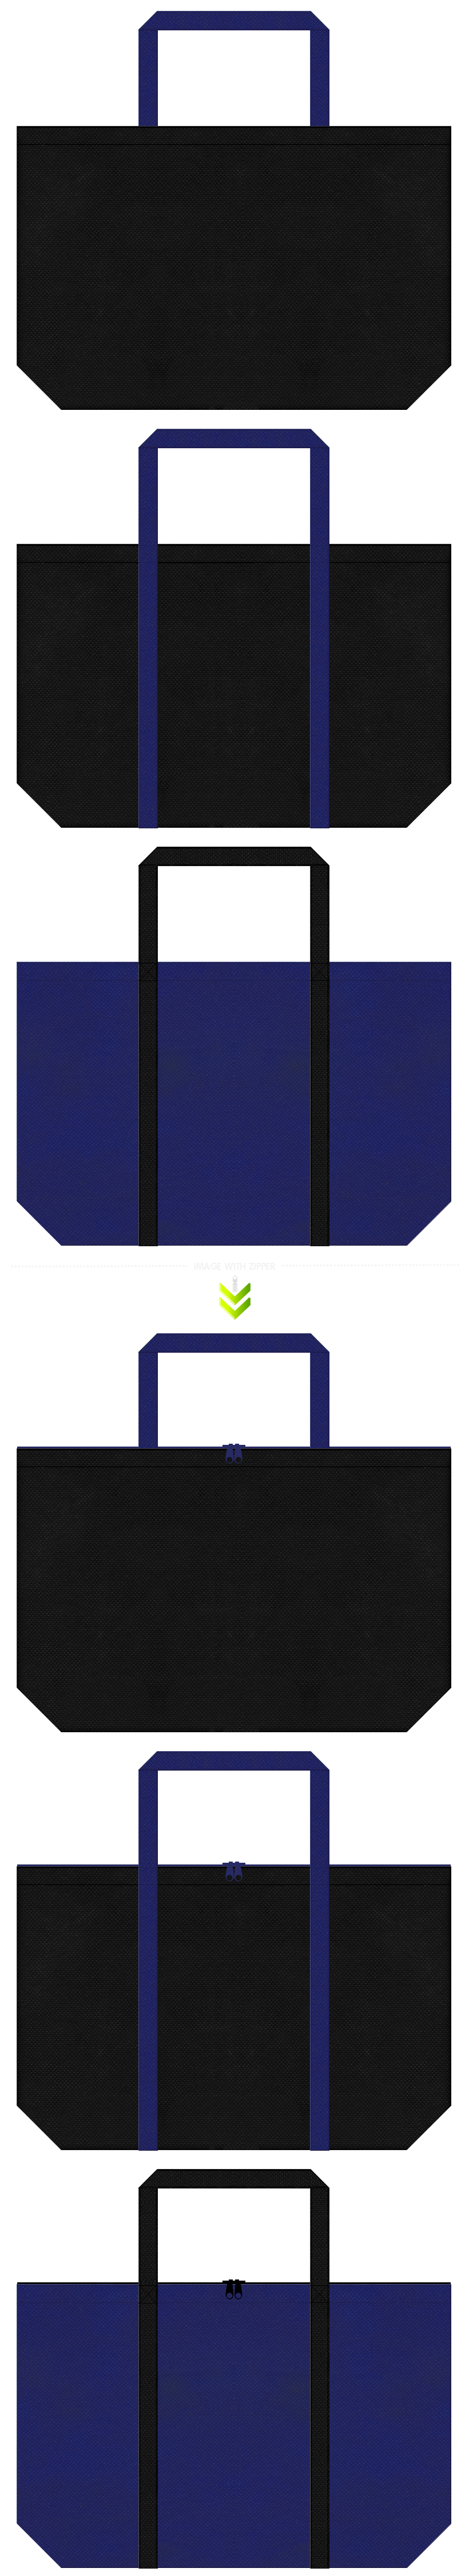 アリーナ・潜水艦・深海・ミステリー・ホラー・アクションゲーム・シューティングゲーム・対戦型格闘ゲーム・ゲームイベント・ゲームのノベルティにお奨めの不織布バッグデザイン:黒色と明るい紺色のコーデ